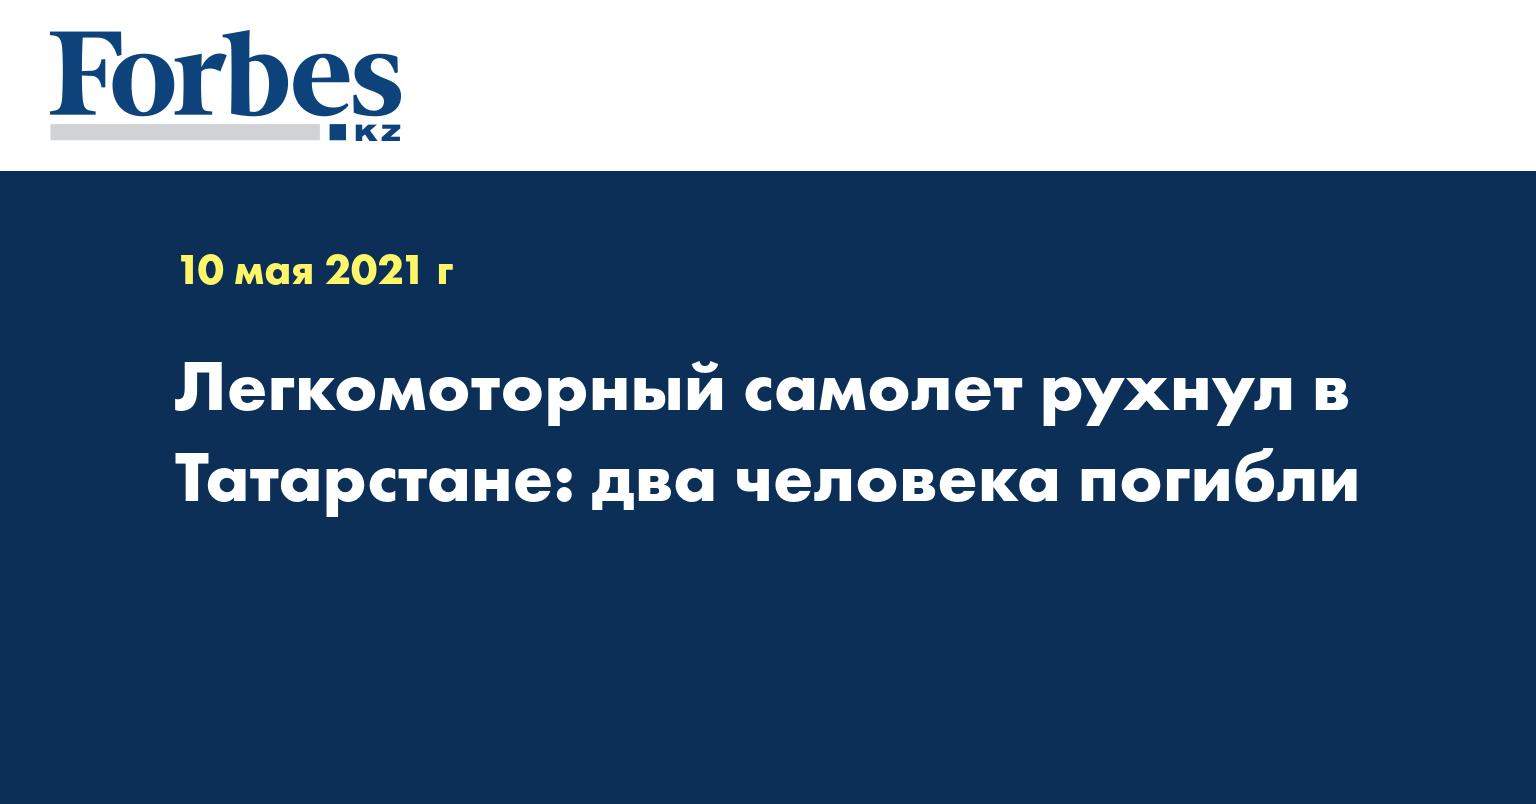 Легкомоторный самолет рухнул в Татарстане: два человека погибли